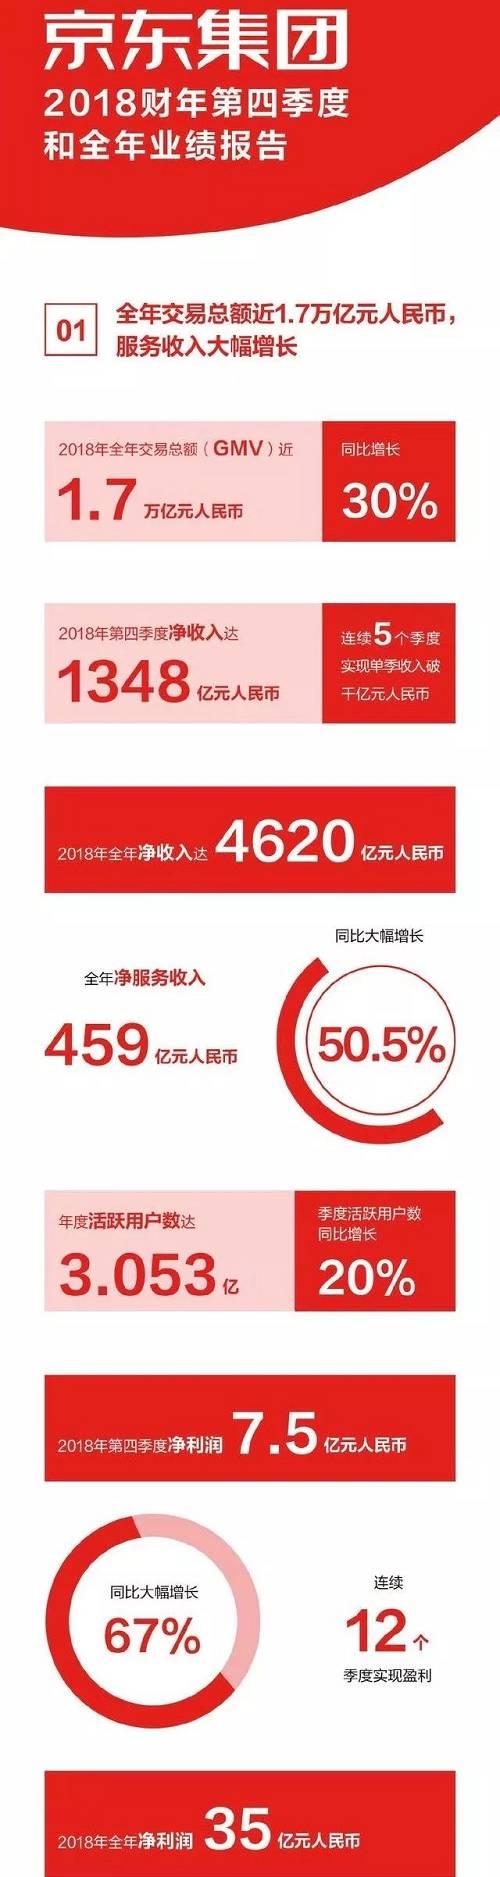 京东四季度调整后净利润为7.5亿元(约1.12亿美元),同比大增67%,大大超出此前市场预期的净亏损3.78亿元;调整后每ADS收益0.51元,好于市场预估的亏损0.20元.